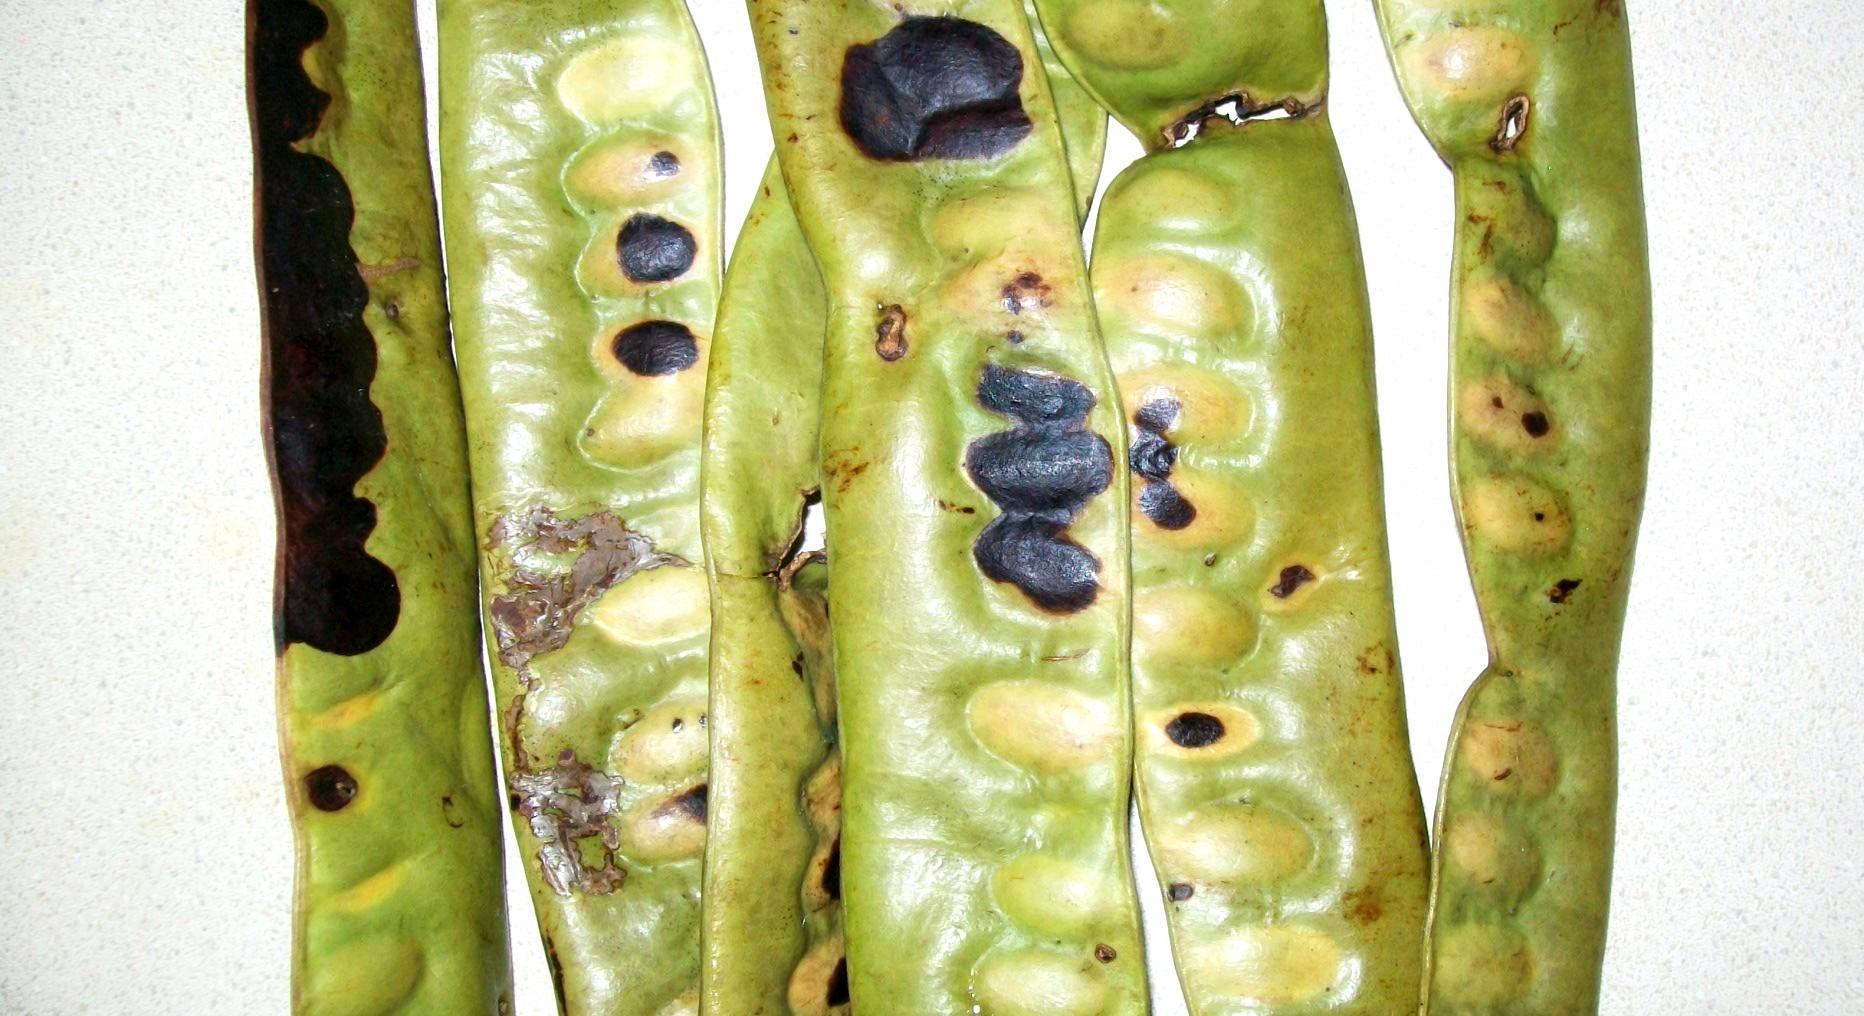 Unripe honey locust pods.jpg